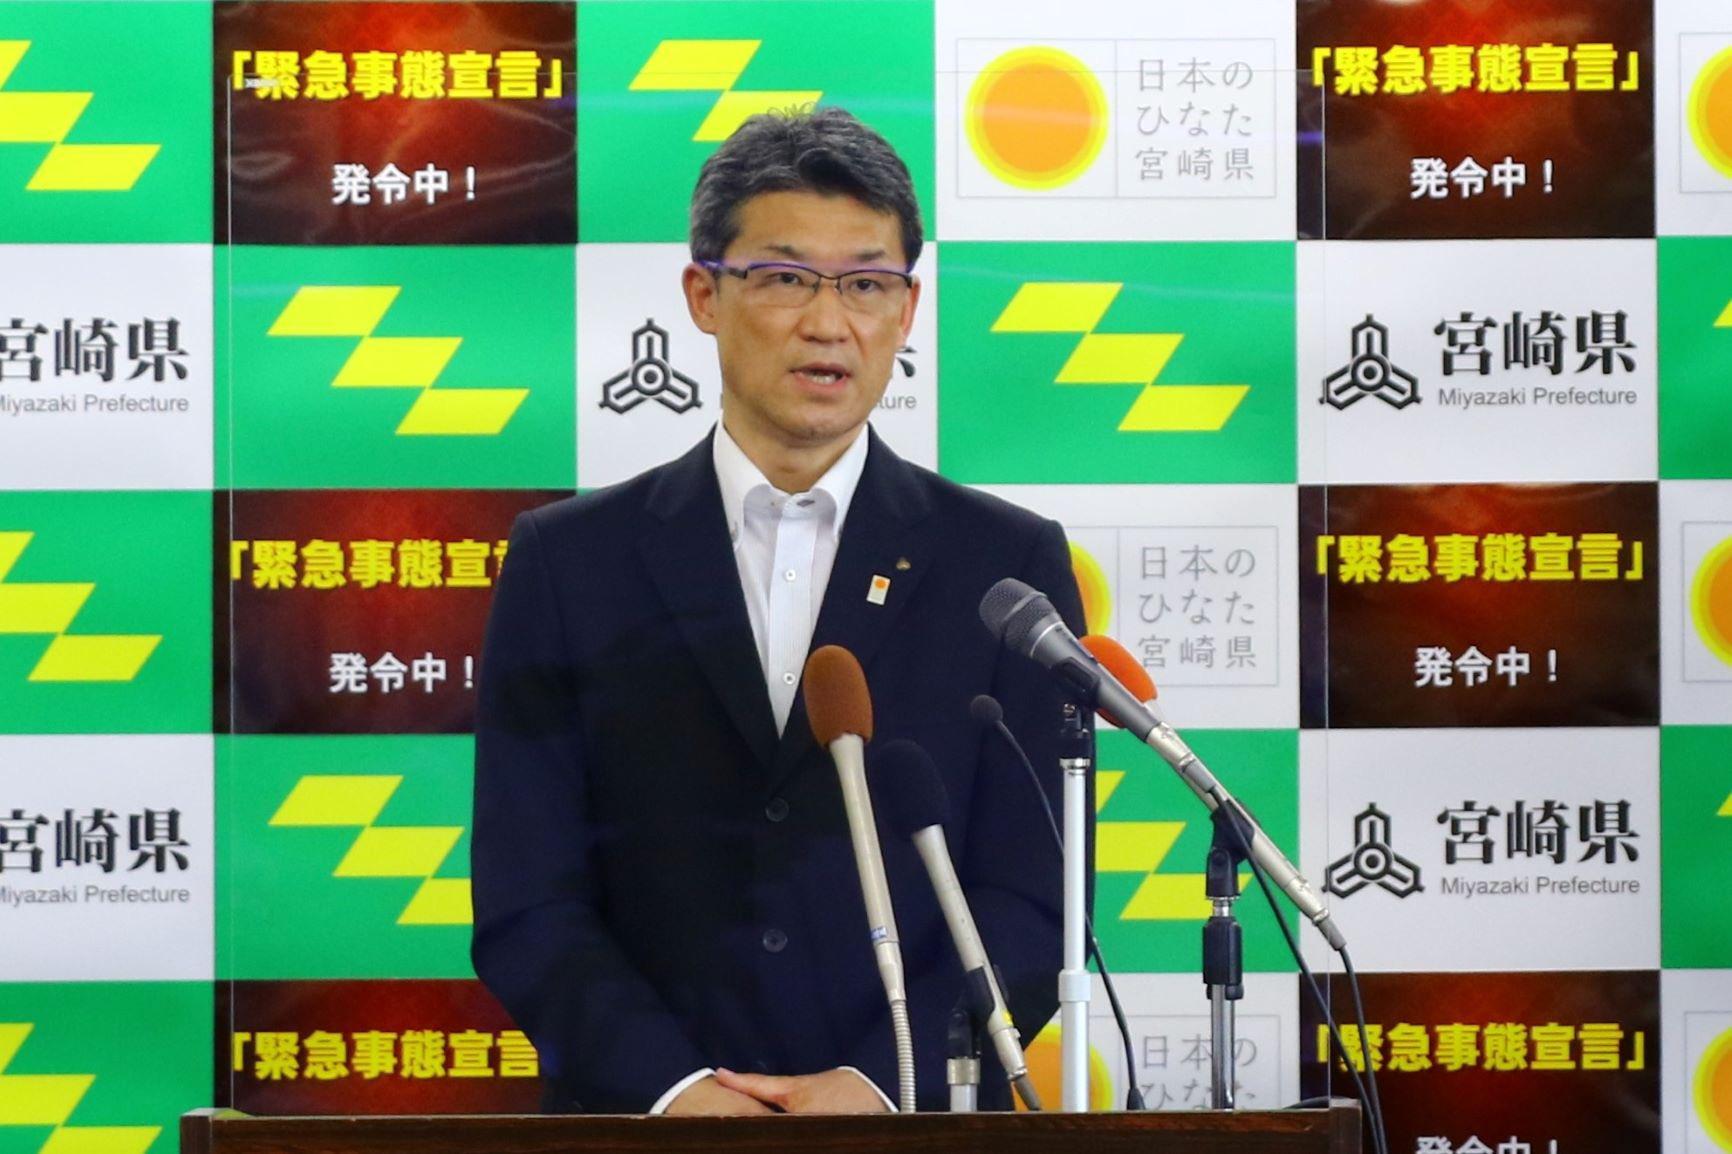 緊急 宮崎 宣言 県 事態 【令和3年1月8日】宮崎県から緊急事態宣言が発令されました/高千穂町